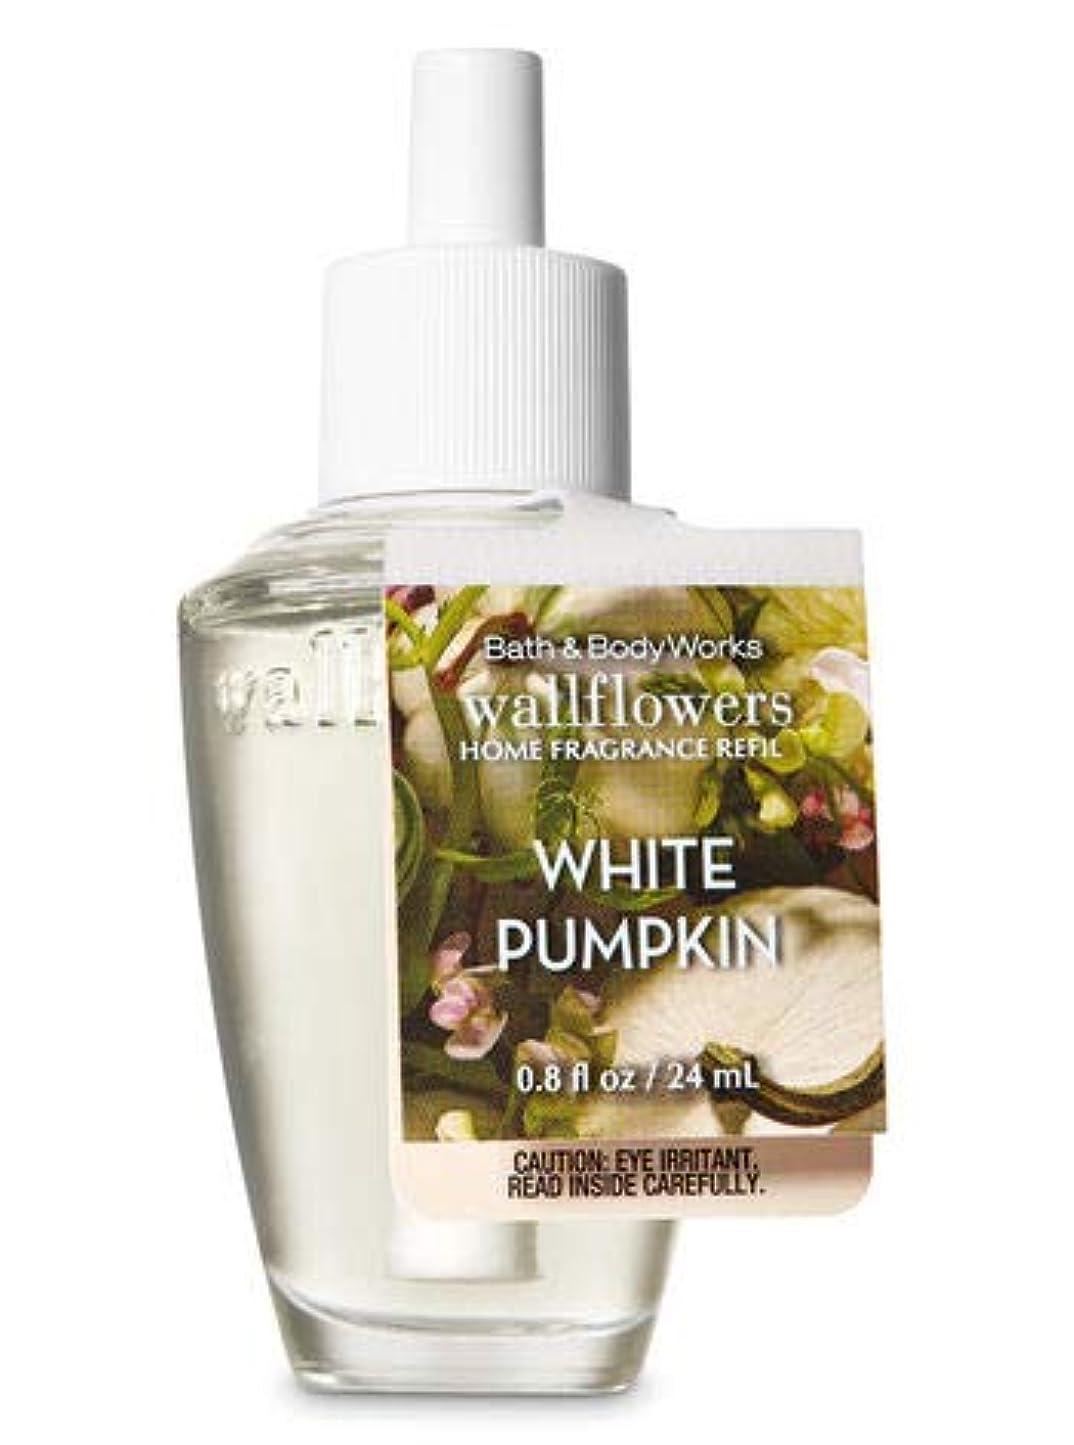 ソフィー男故障【Bath&Body Works/バス&ボディワークス】 ルームフレグランス 詰替えリフィル ホワイトパンプキン Wallflowers Home Fragrance Refill White Pumpkin [並行輸入品]